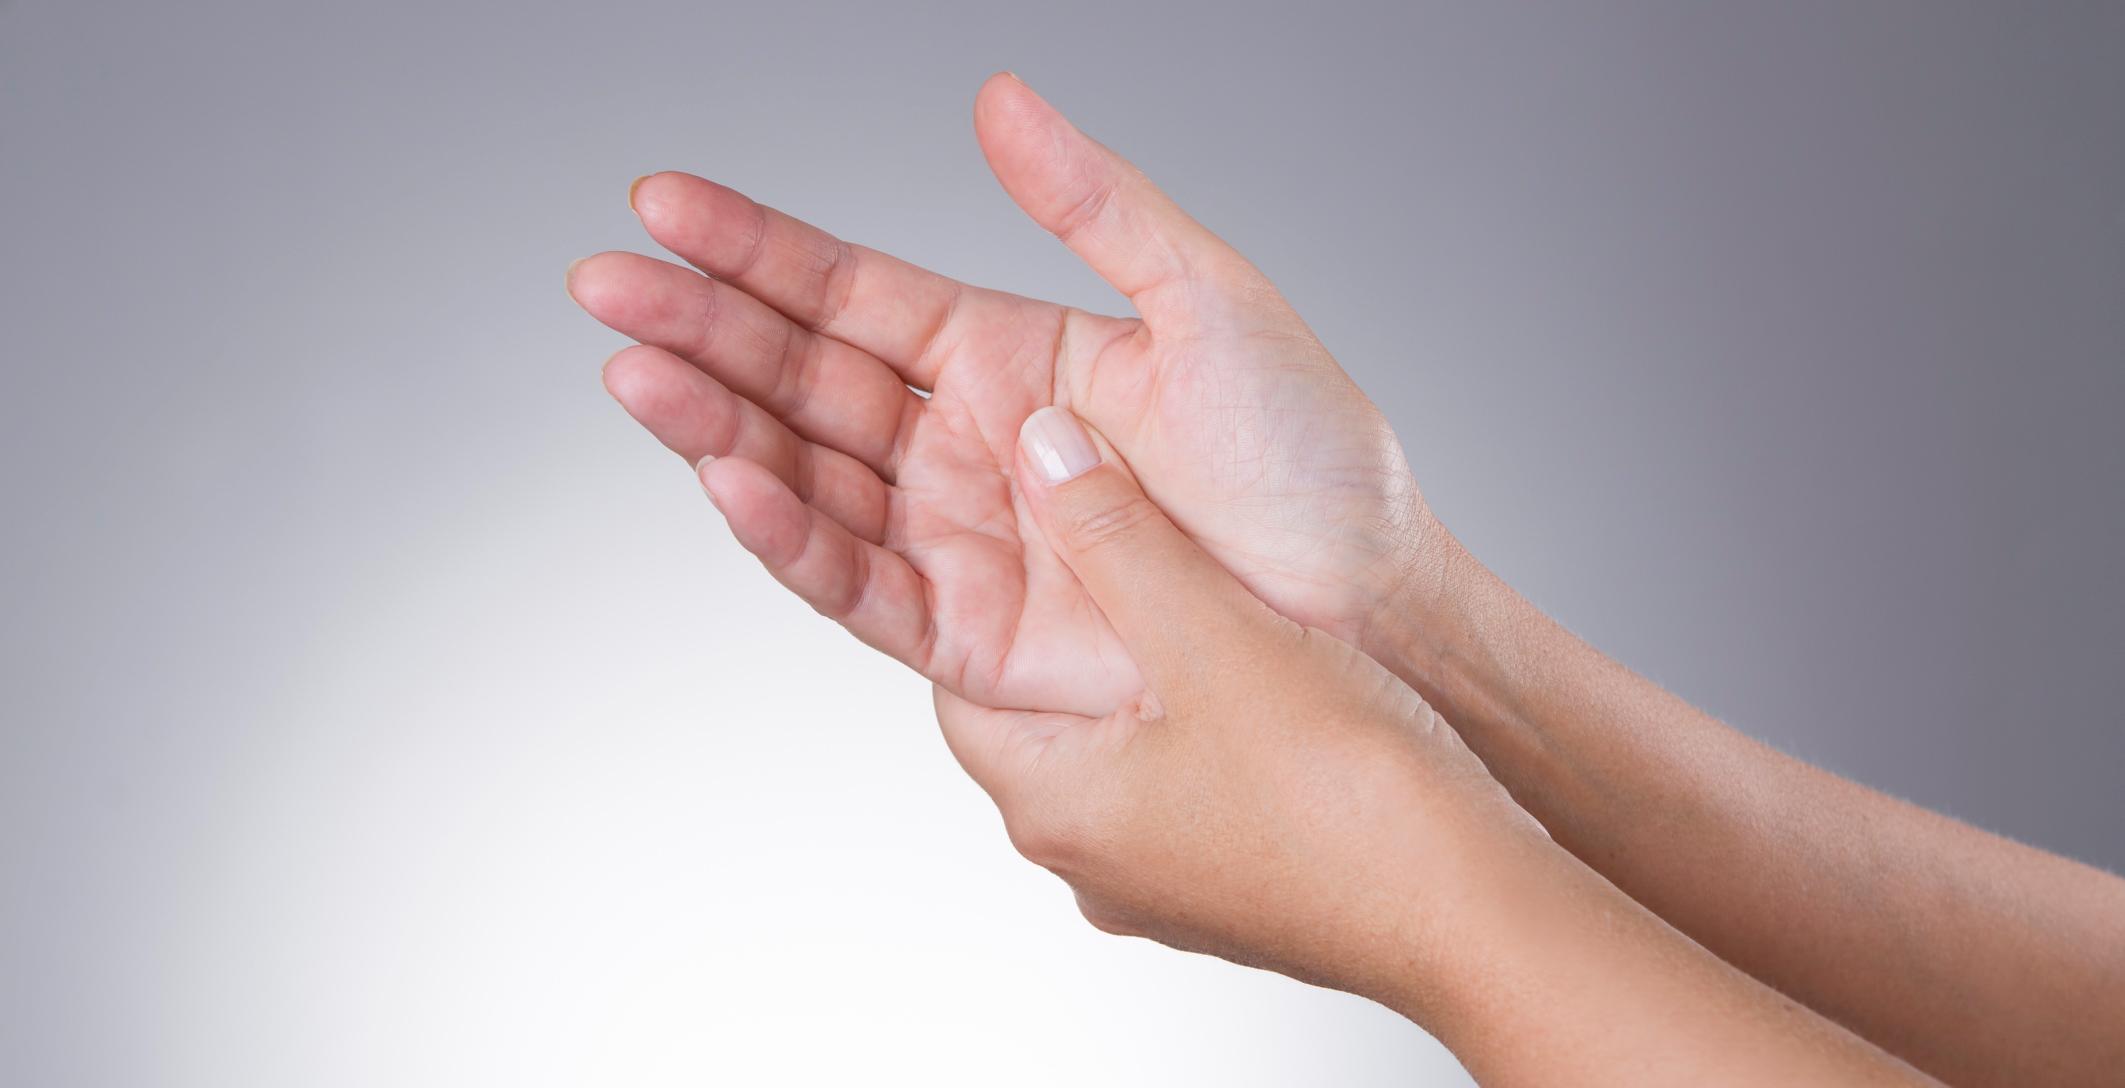 Cellulare formicolio alle mani